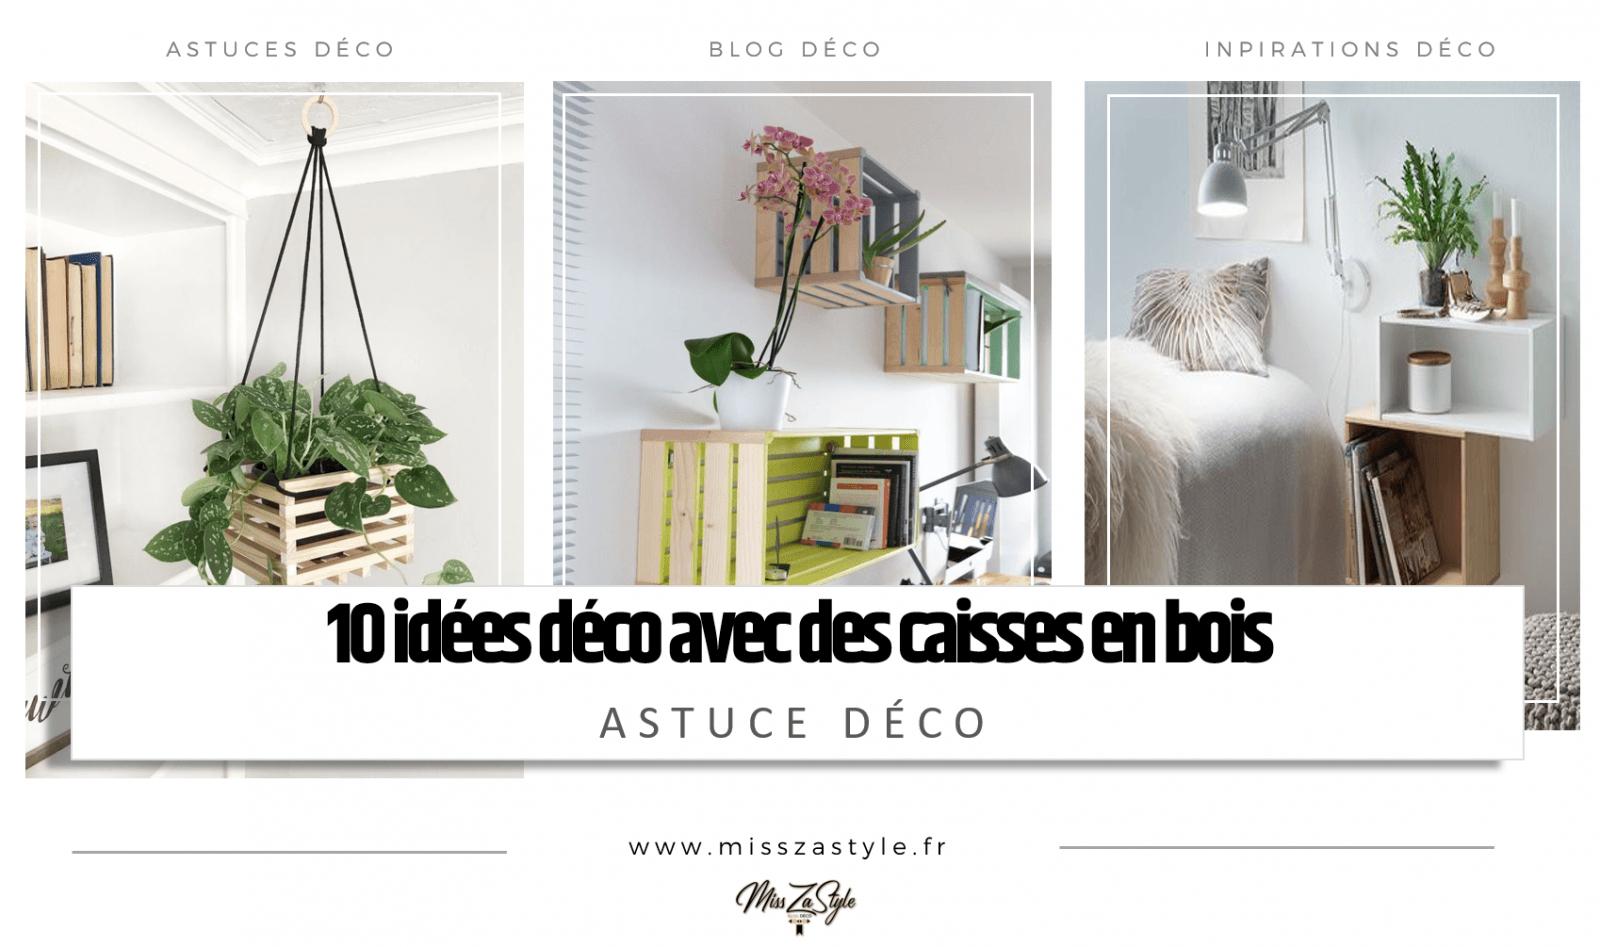 10 Idées Déco Avec Des Caisses En Bois- Misszastyle - Blog Déco encequiconcerne Idees-Deco.blog